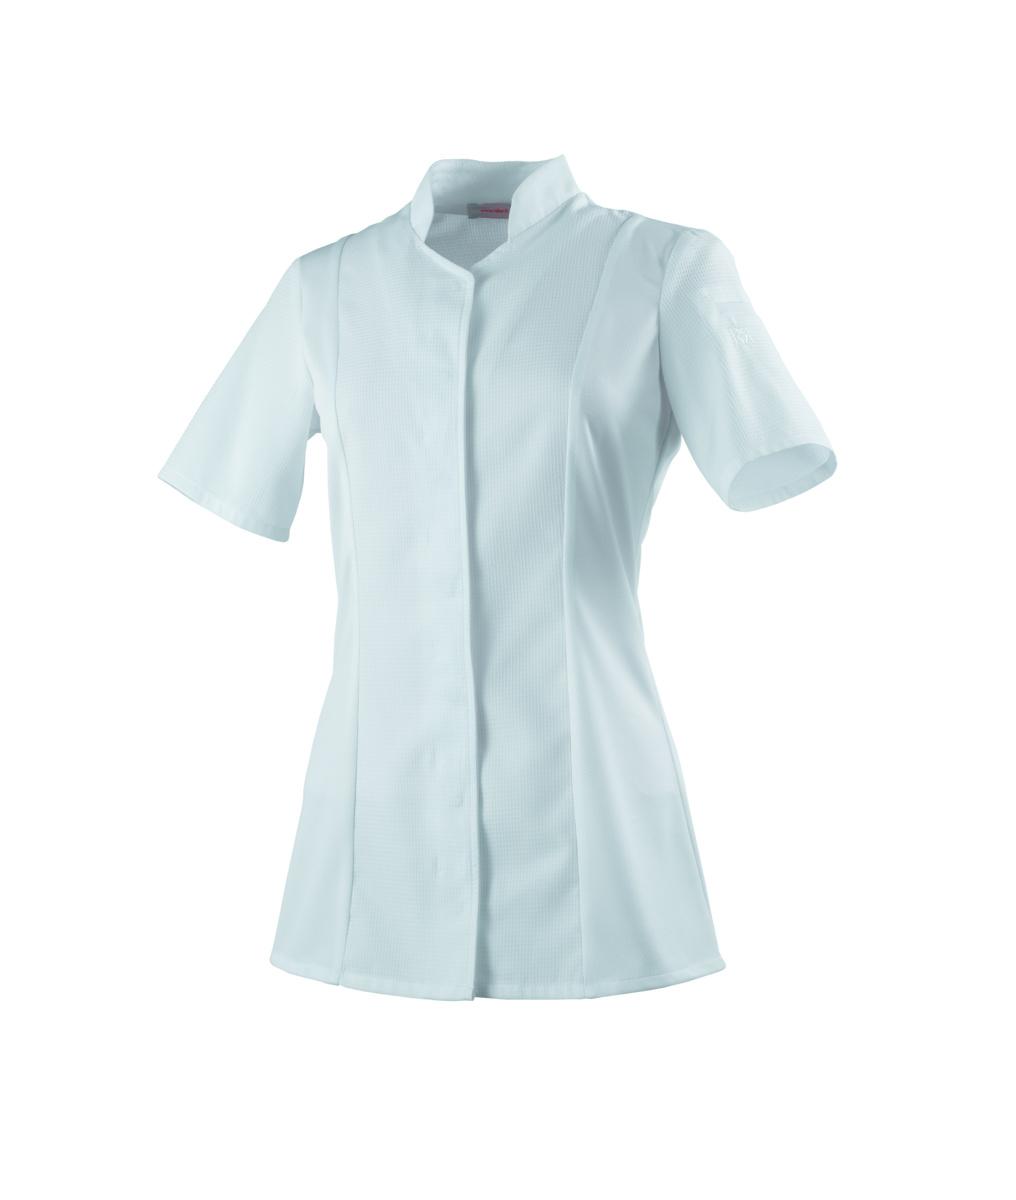 Veste femme manches courtes blanche taille 1 Abella Robur